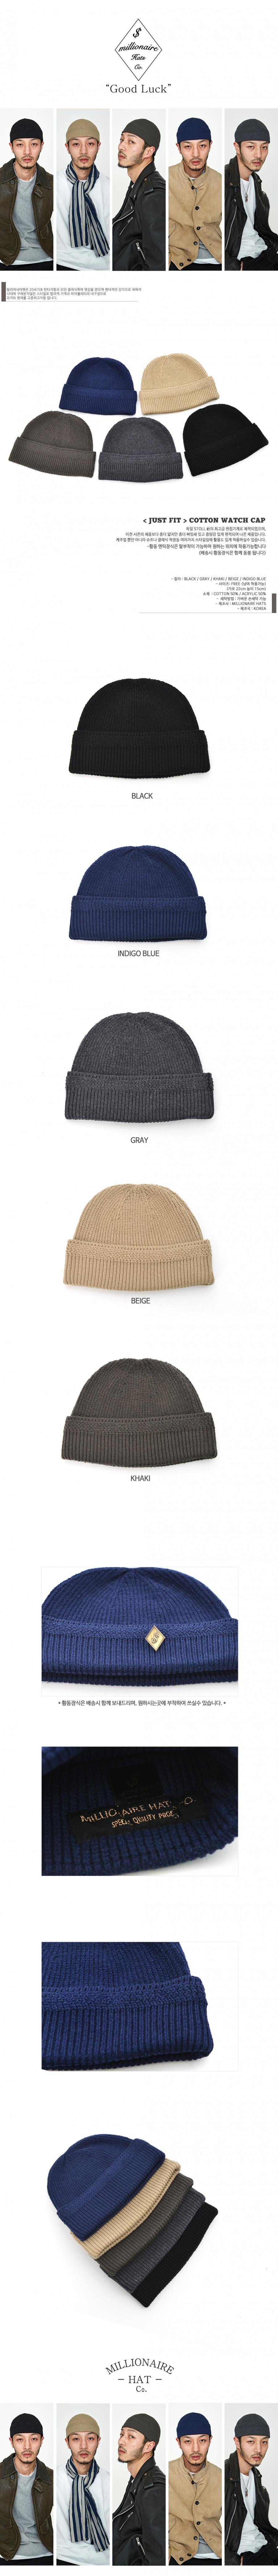 밀리어네어햇(MILLIONAIRE HATS) (JUST FIT) COTTON WATCH CAP